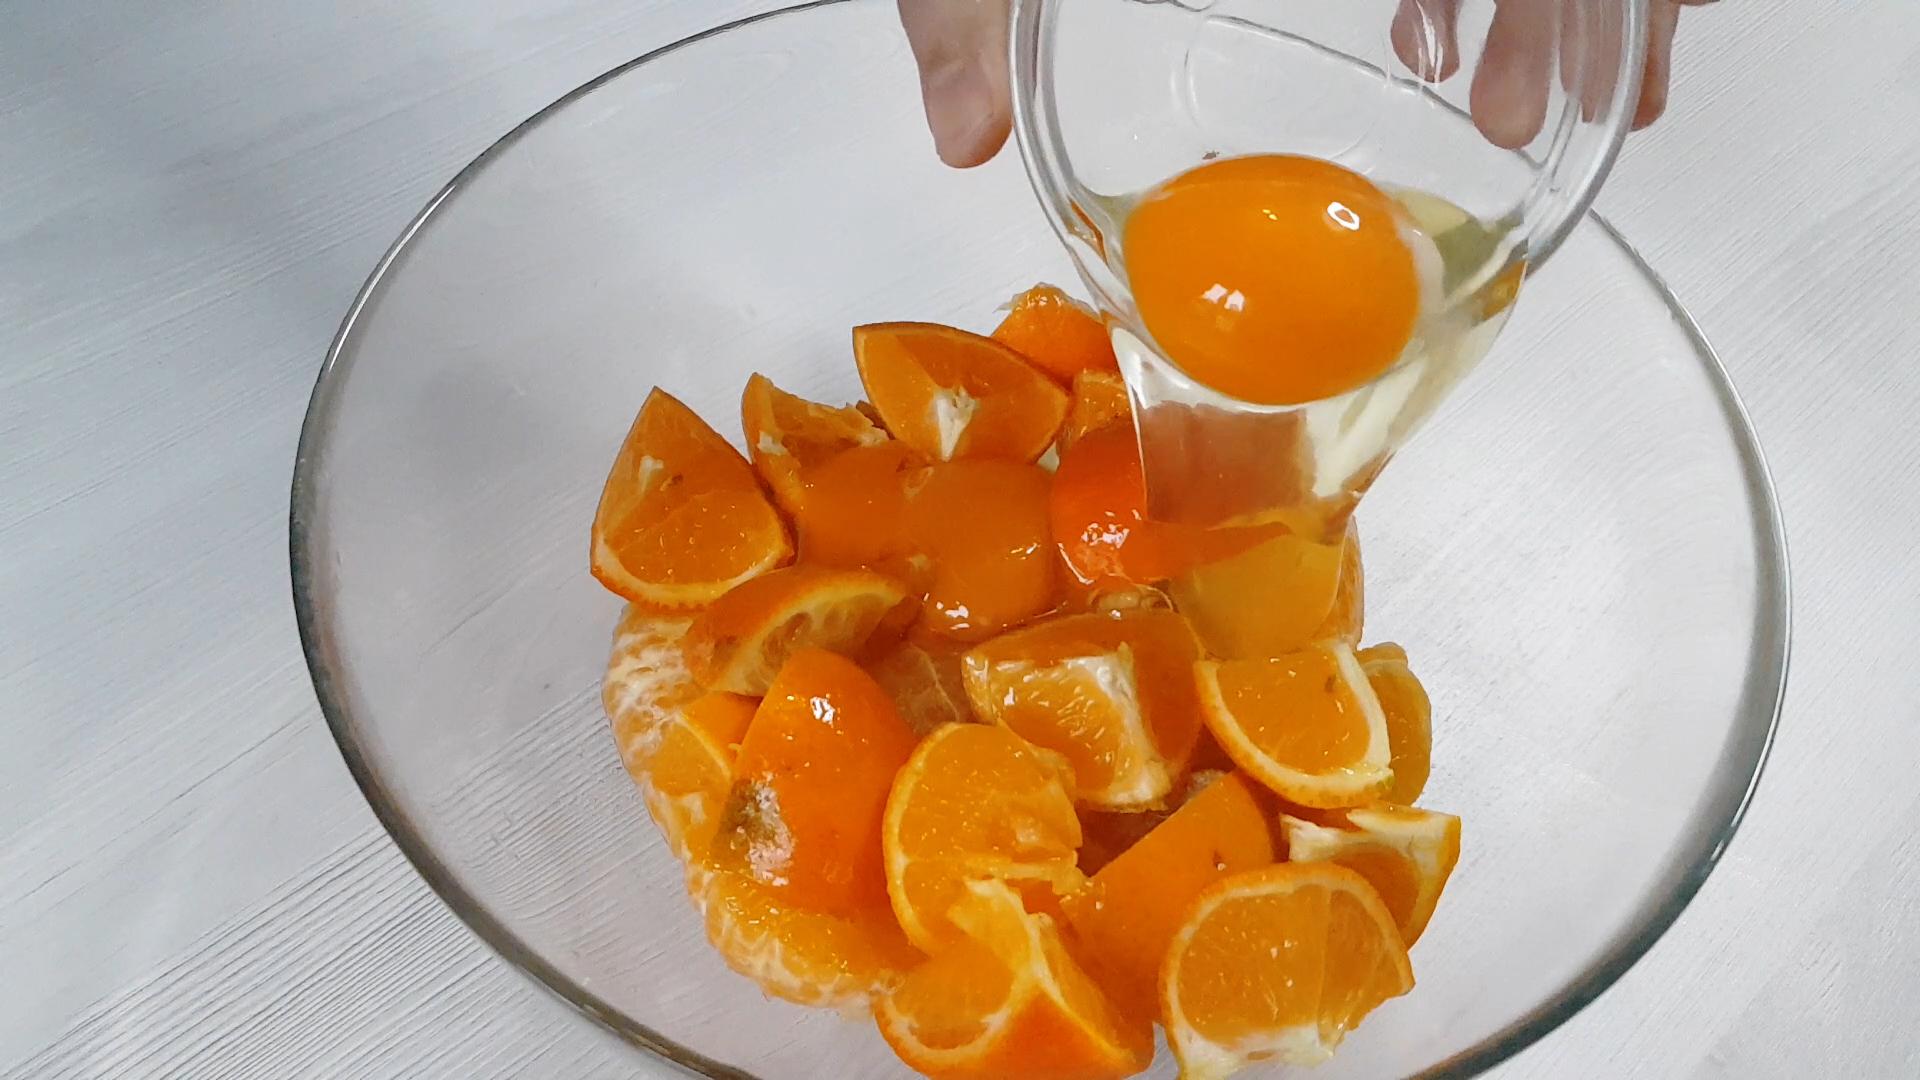 Способы приготовления варенья из мандаринов целых или дольками